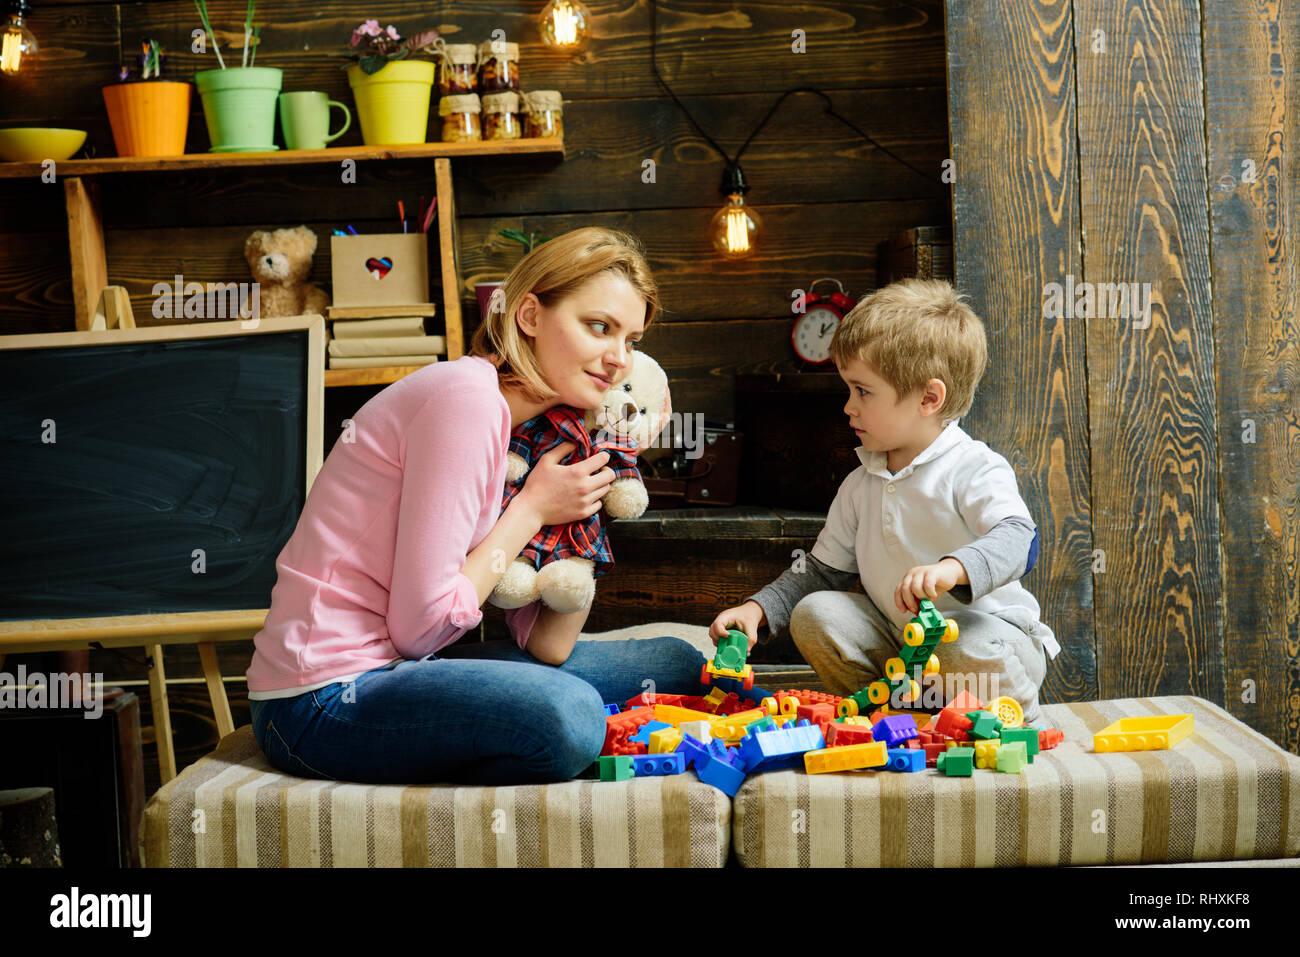 La gentilezza e il concetto di istruzione. La famiglia gioca con Teddy bear a casa. Mamma e Bambino gioca con il giocattolo morbido. Vivaio con lavagna su sfondo. Madre Immagini Stock